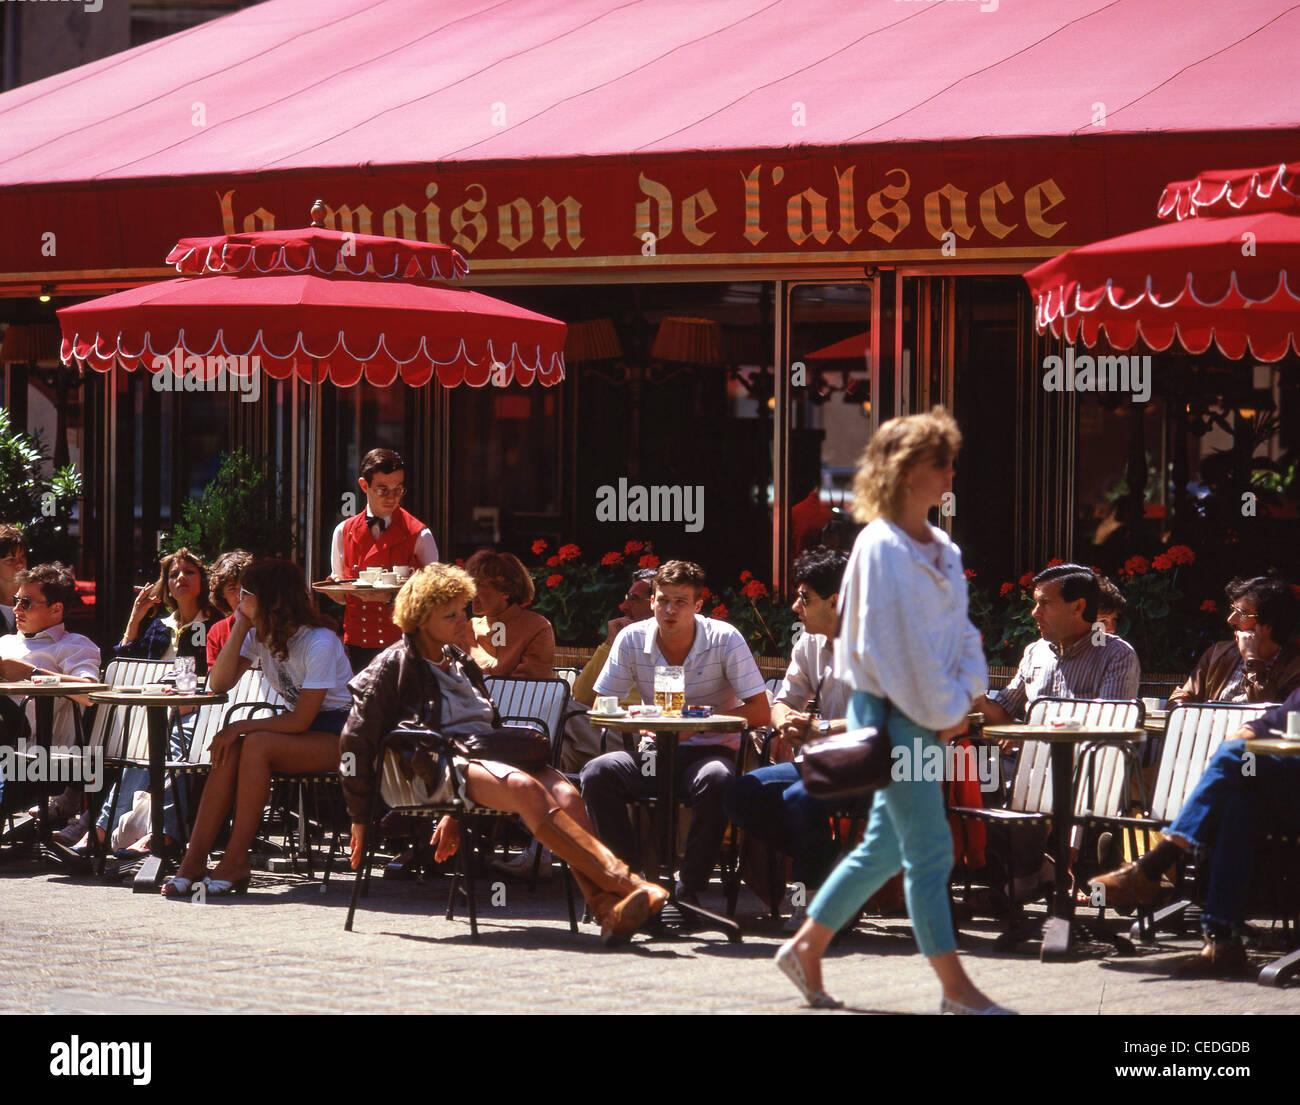 La Maison de L'Alsace restaurant, Avenue des Champs-Élysées, Paris, Île-de-France, France - Stock Image